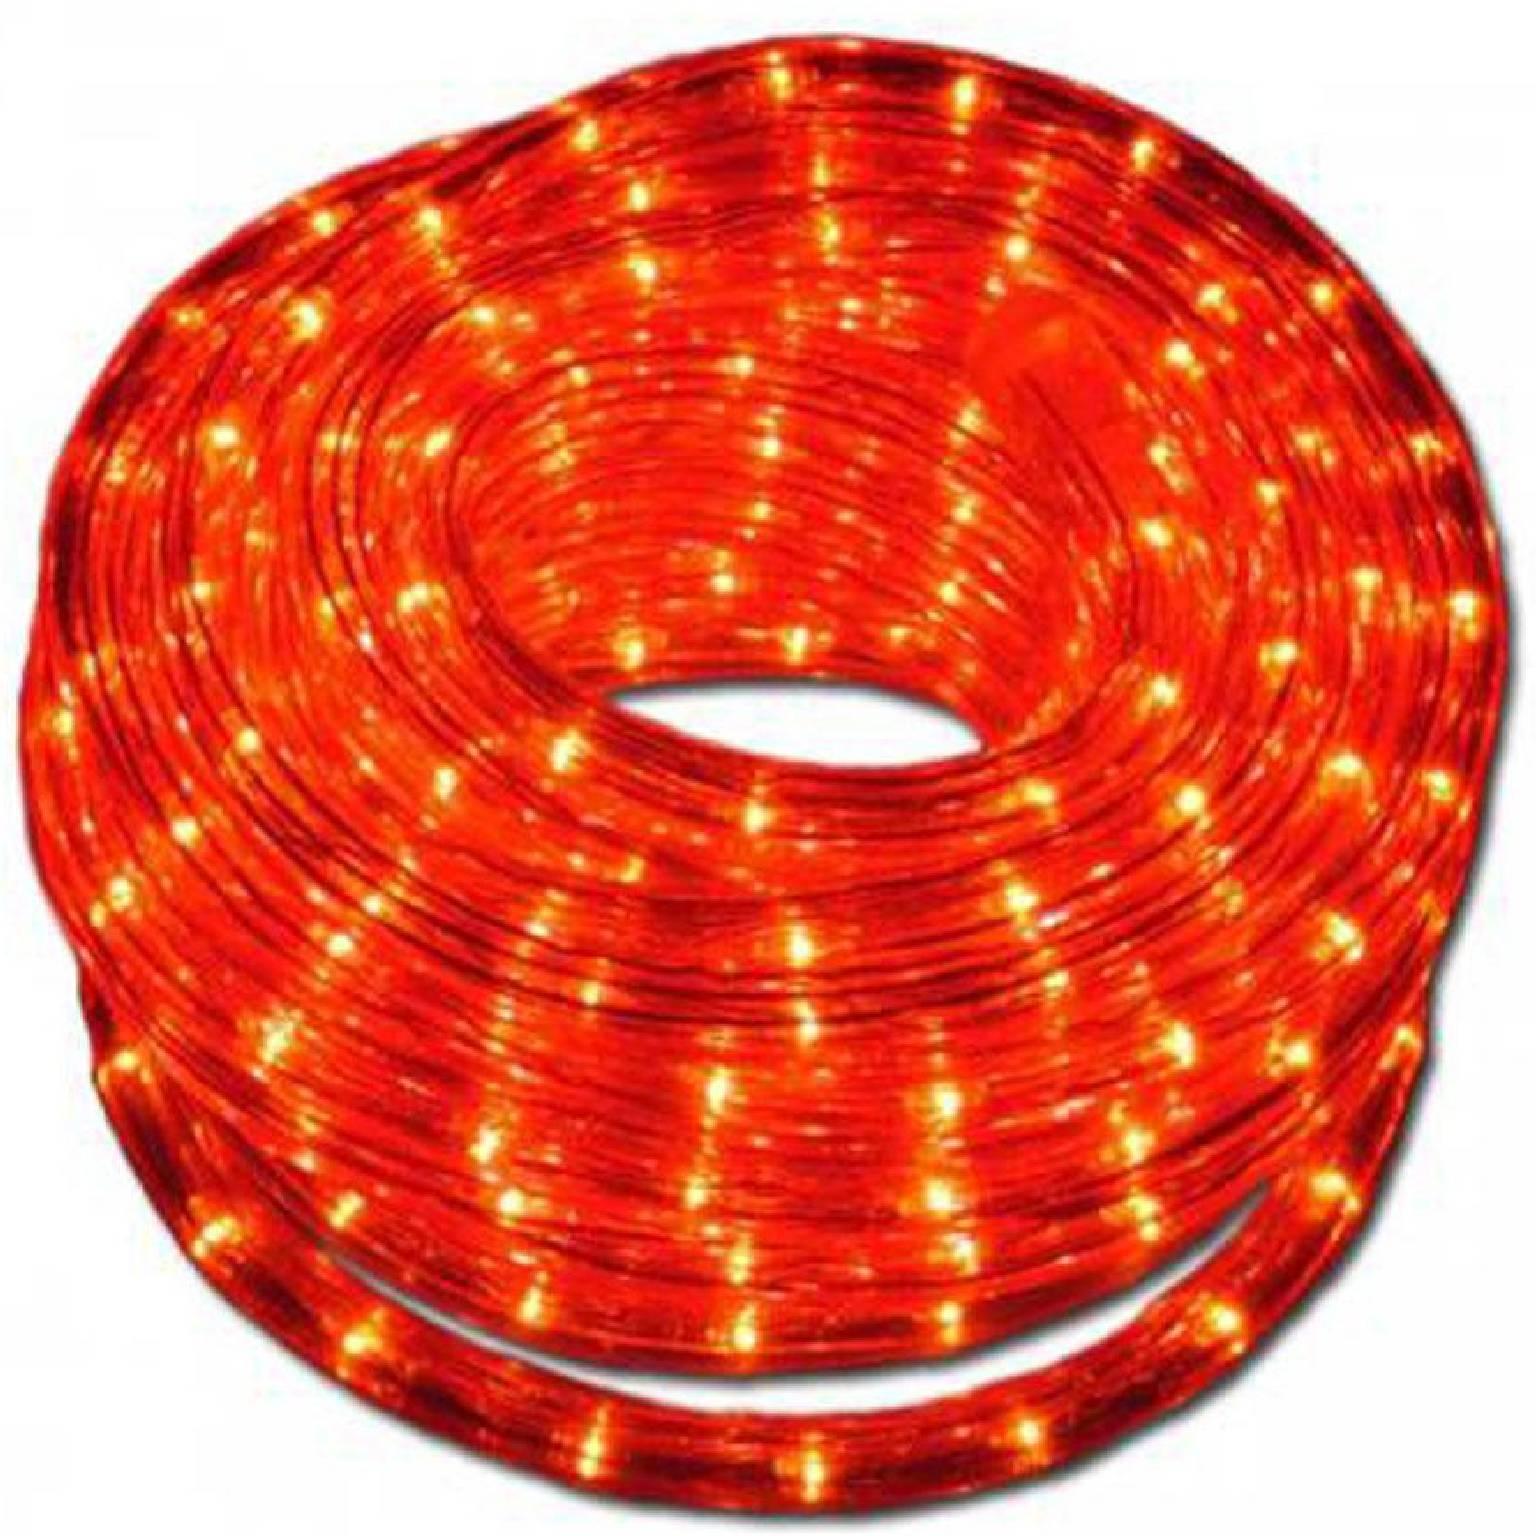 https://image.allekabels.nl/thumbnail/1443592-0/lichtslang-rood-verlichte-lengte-9-meter.jpg